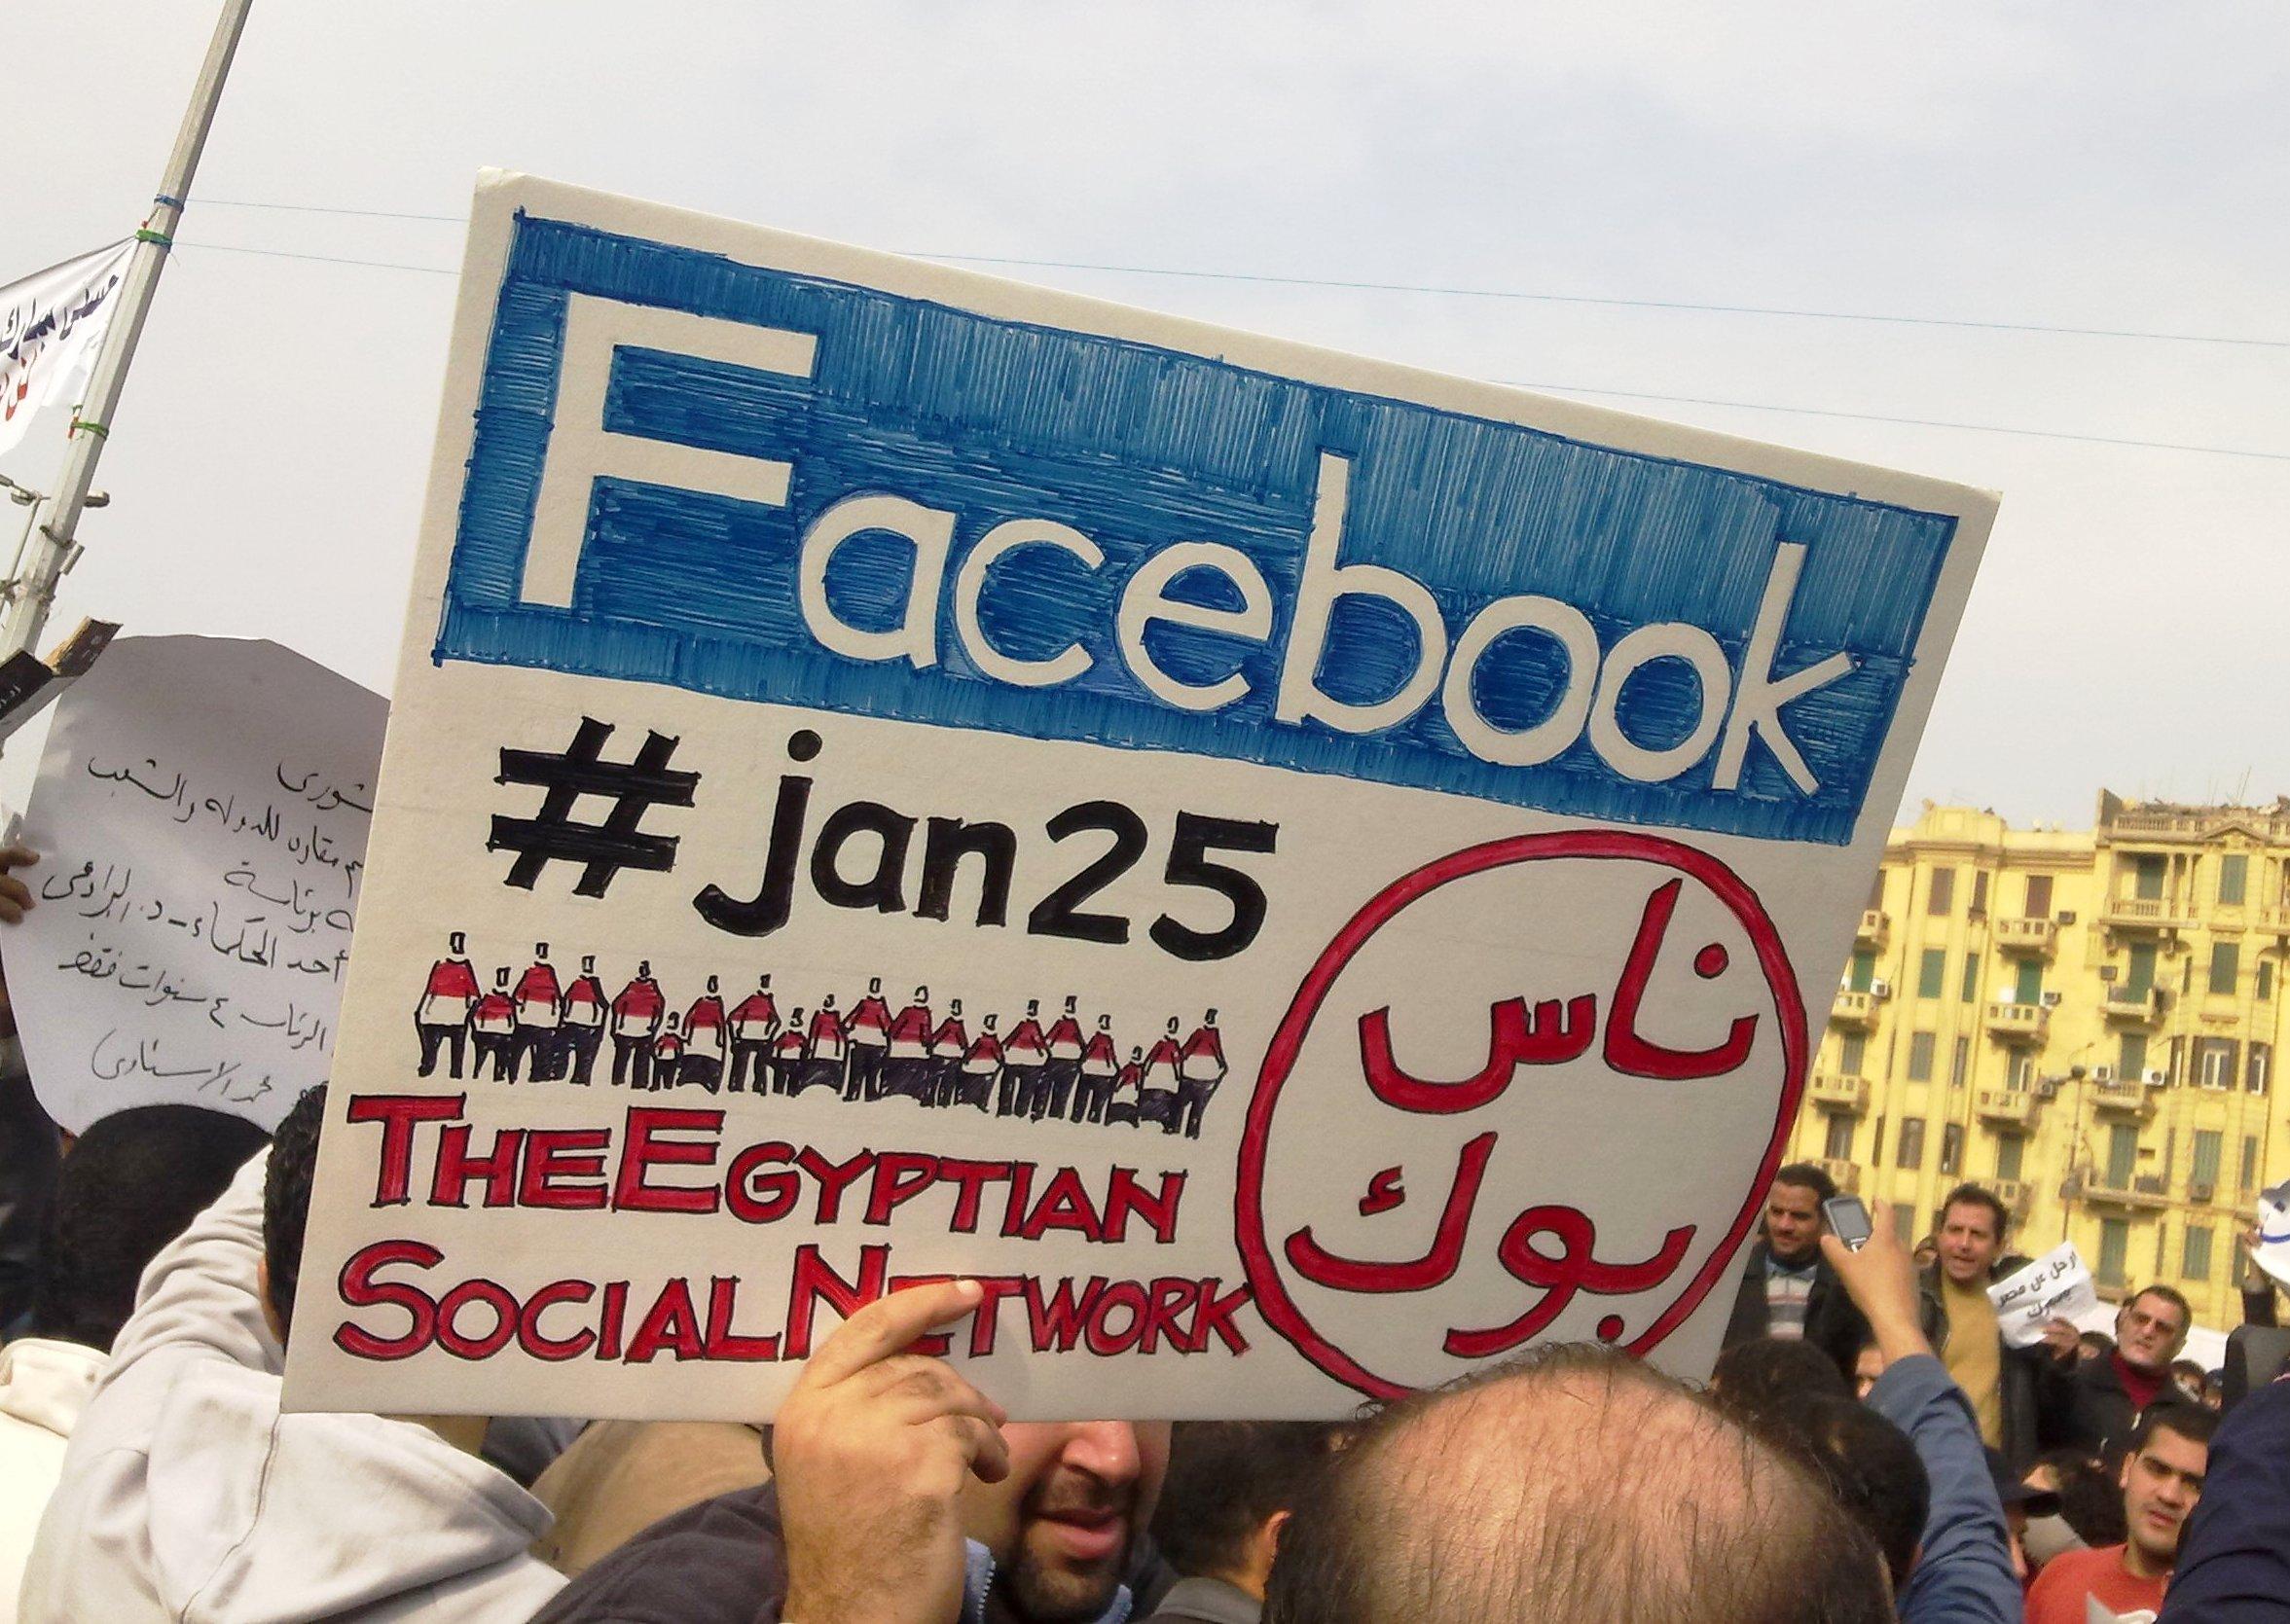 Un hombre sostiene un cartel con el hastagh de Twitter #jan25 (enero 25) y el logo de Facebook durante las protestas en El Cairo en 2011